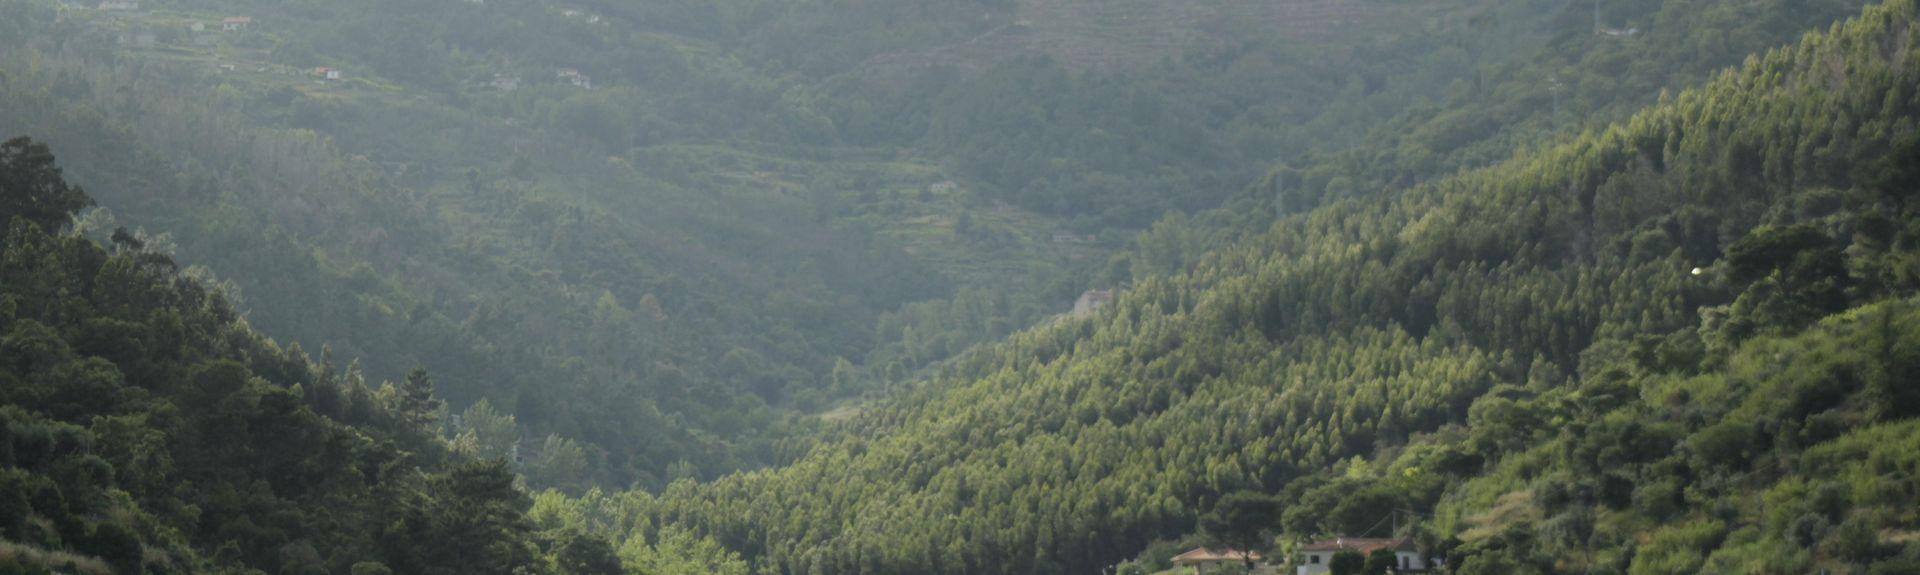 Trás-os-Montes, Portugal